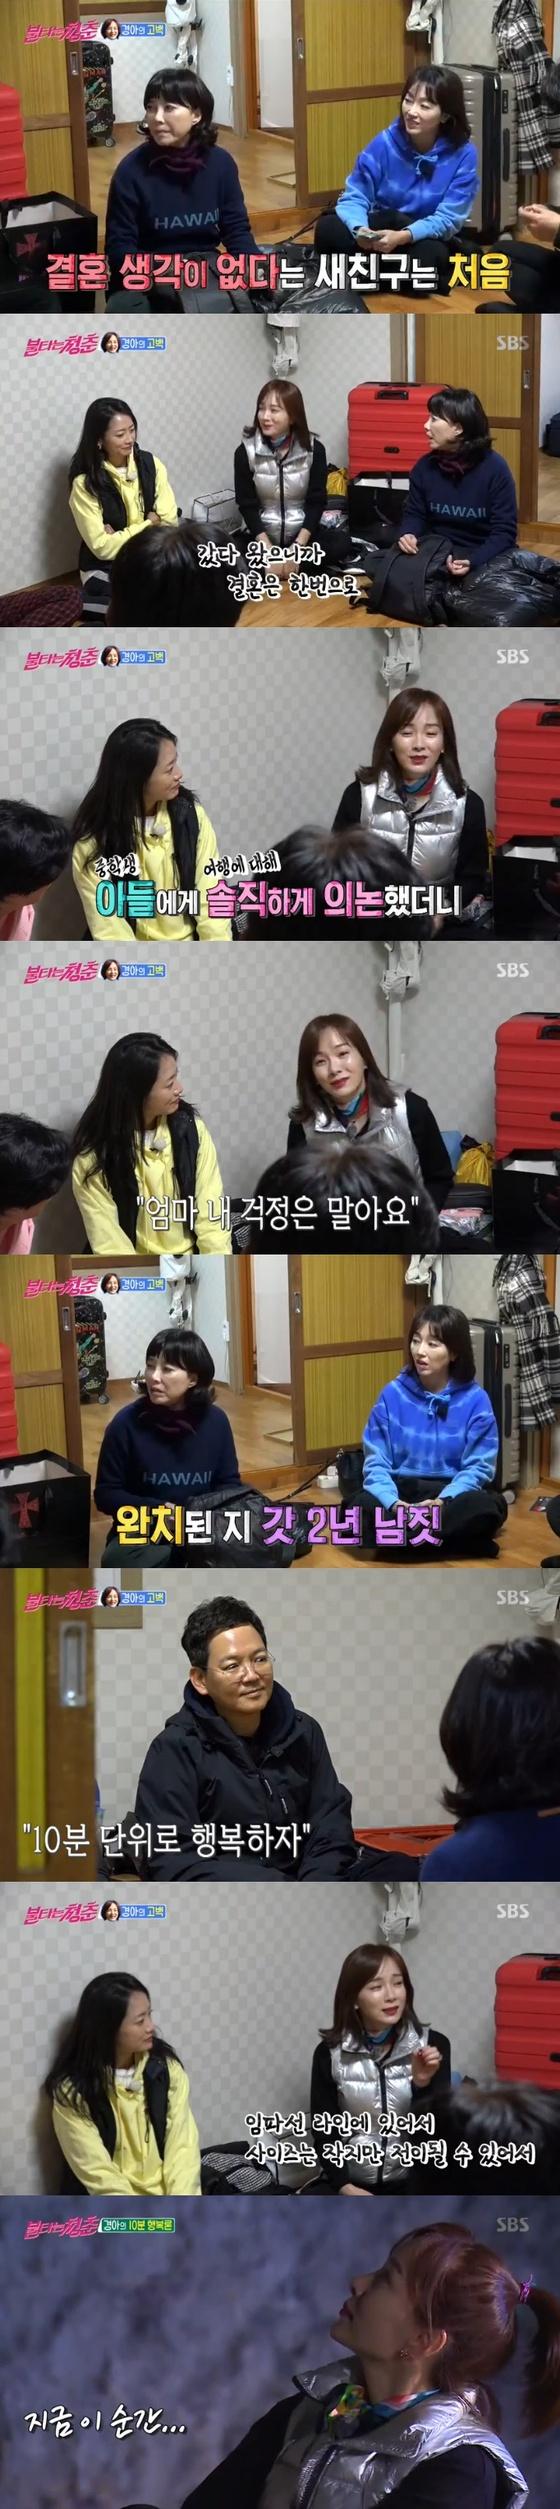 이혼·아들 그리고 암투병…'불청' 유경아의 담담한 고백(종합)